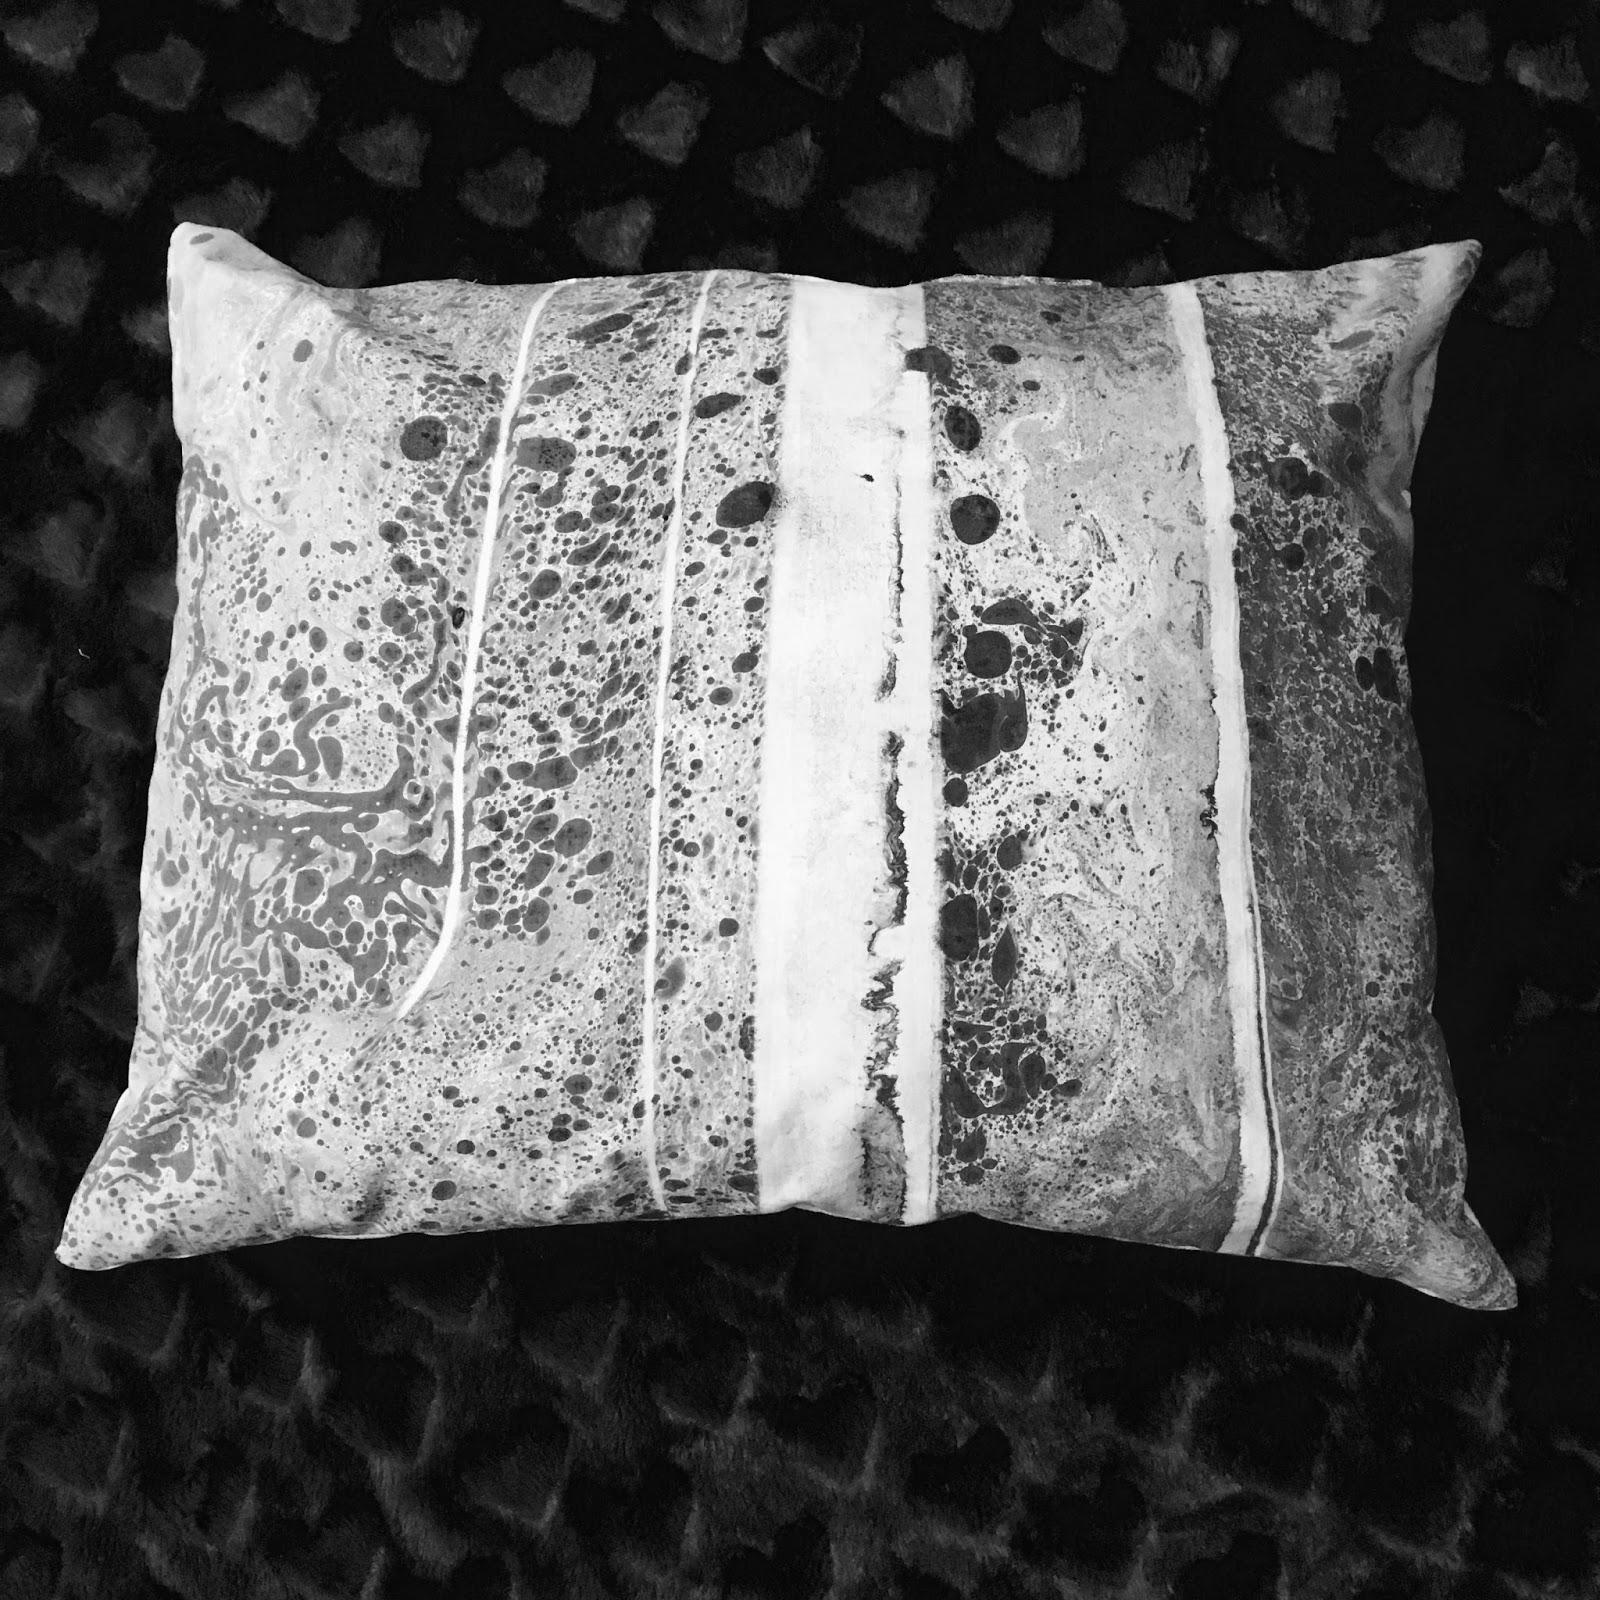 Tisk na textil - z vodní hladiny